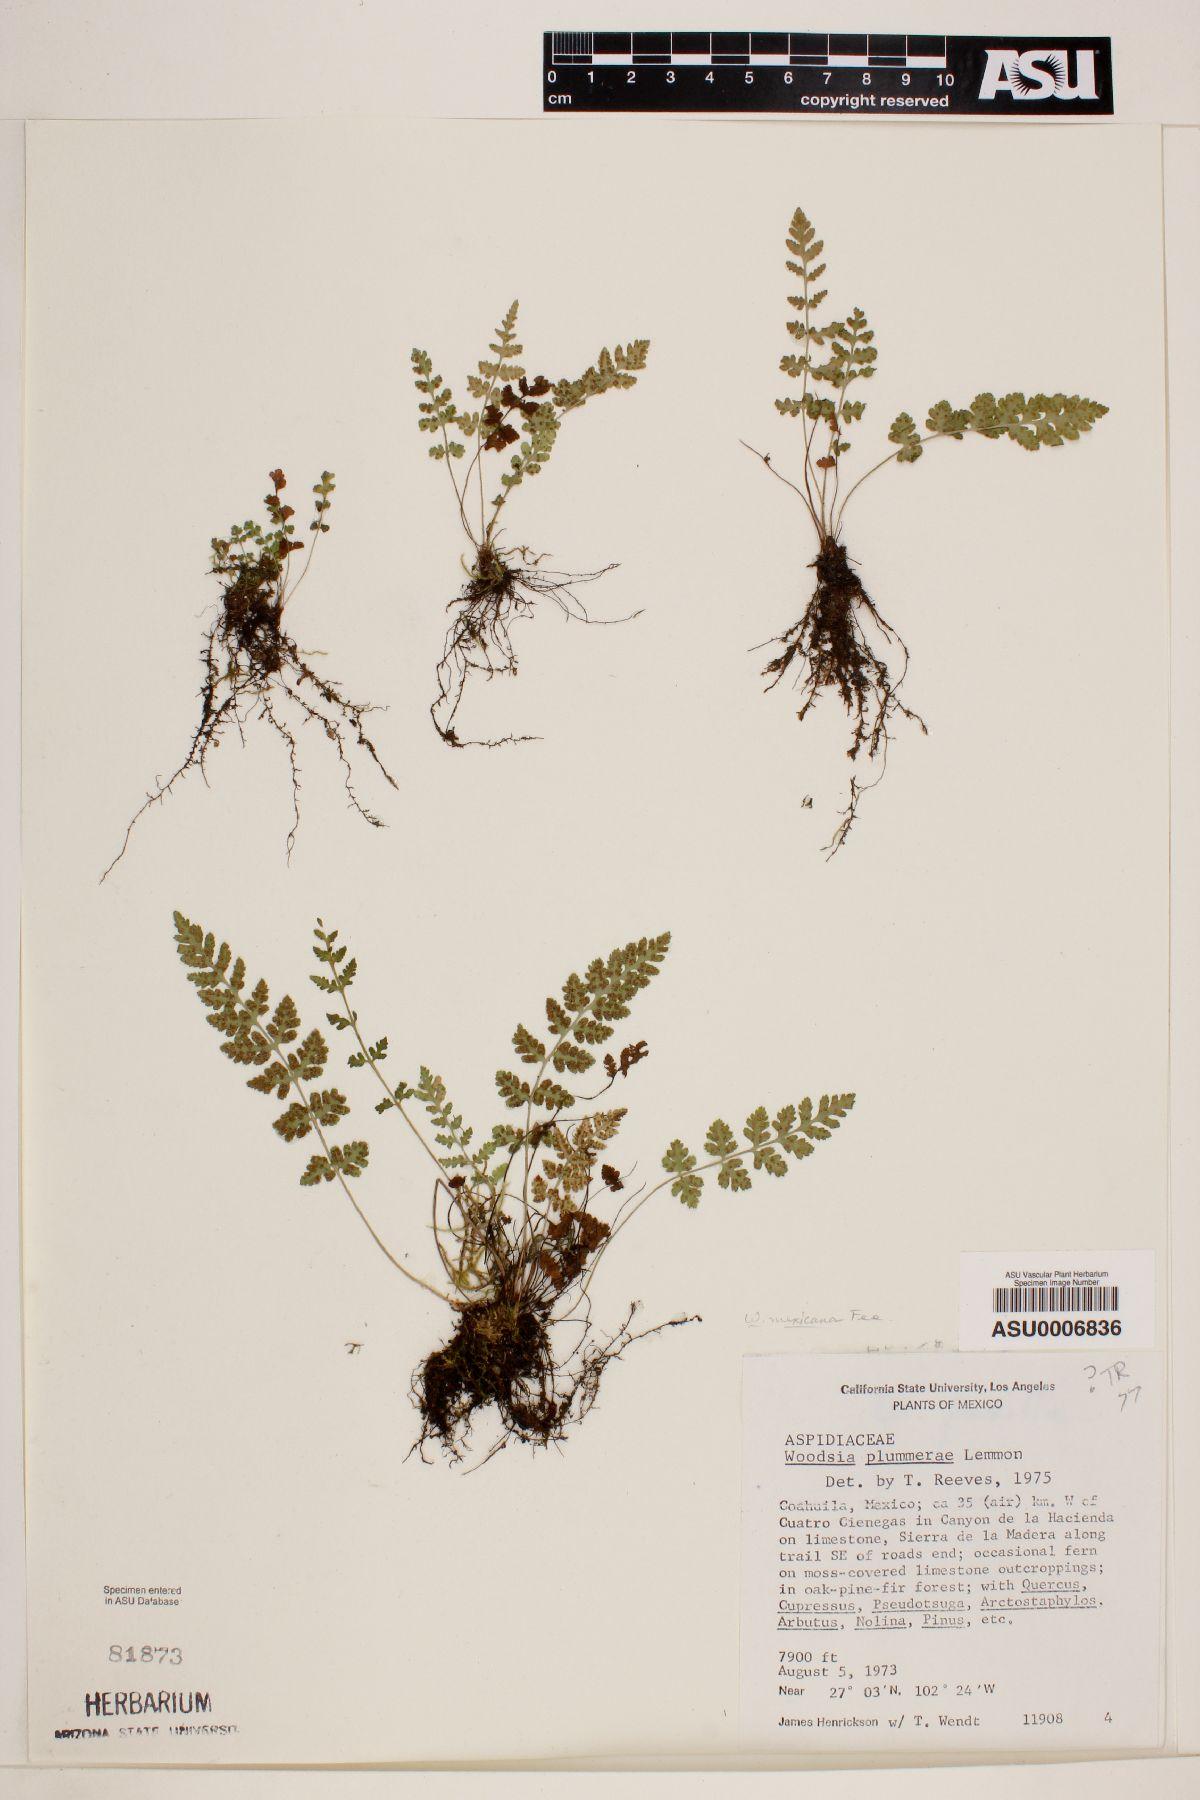 Woodsia image